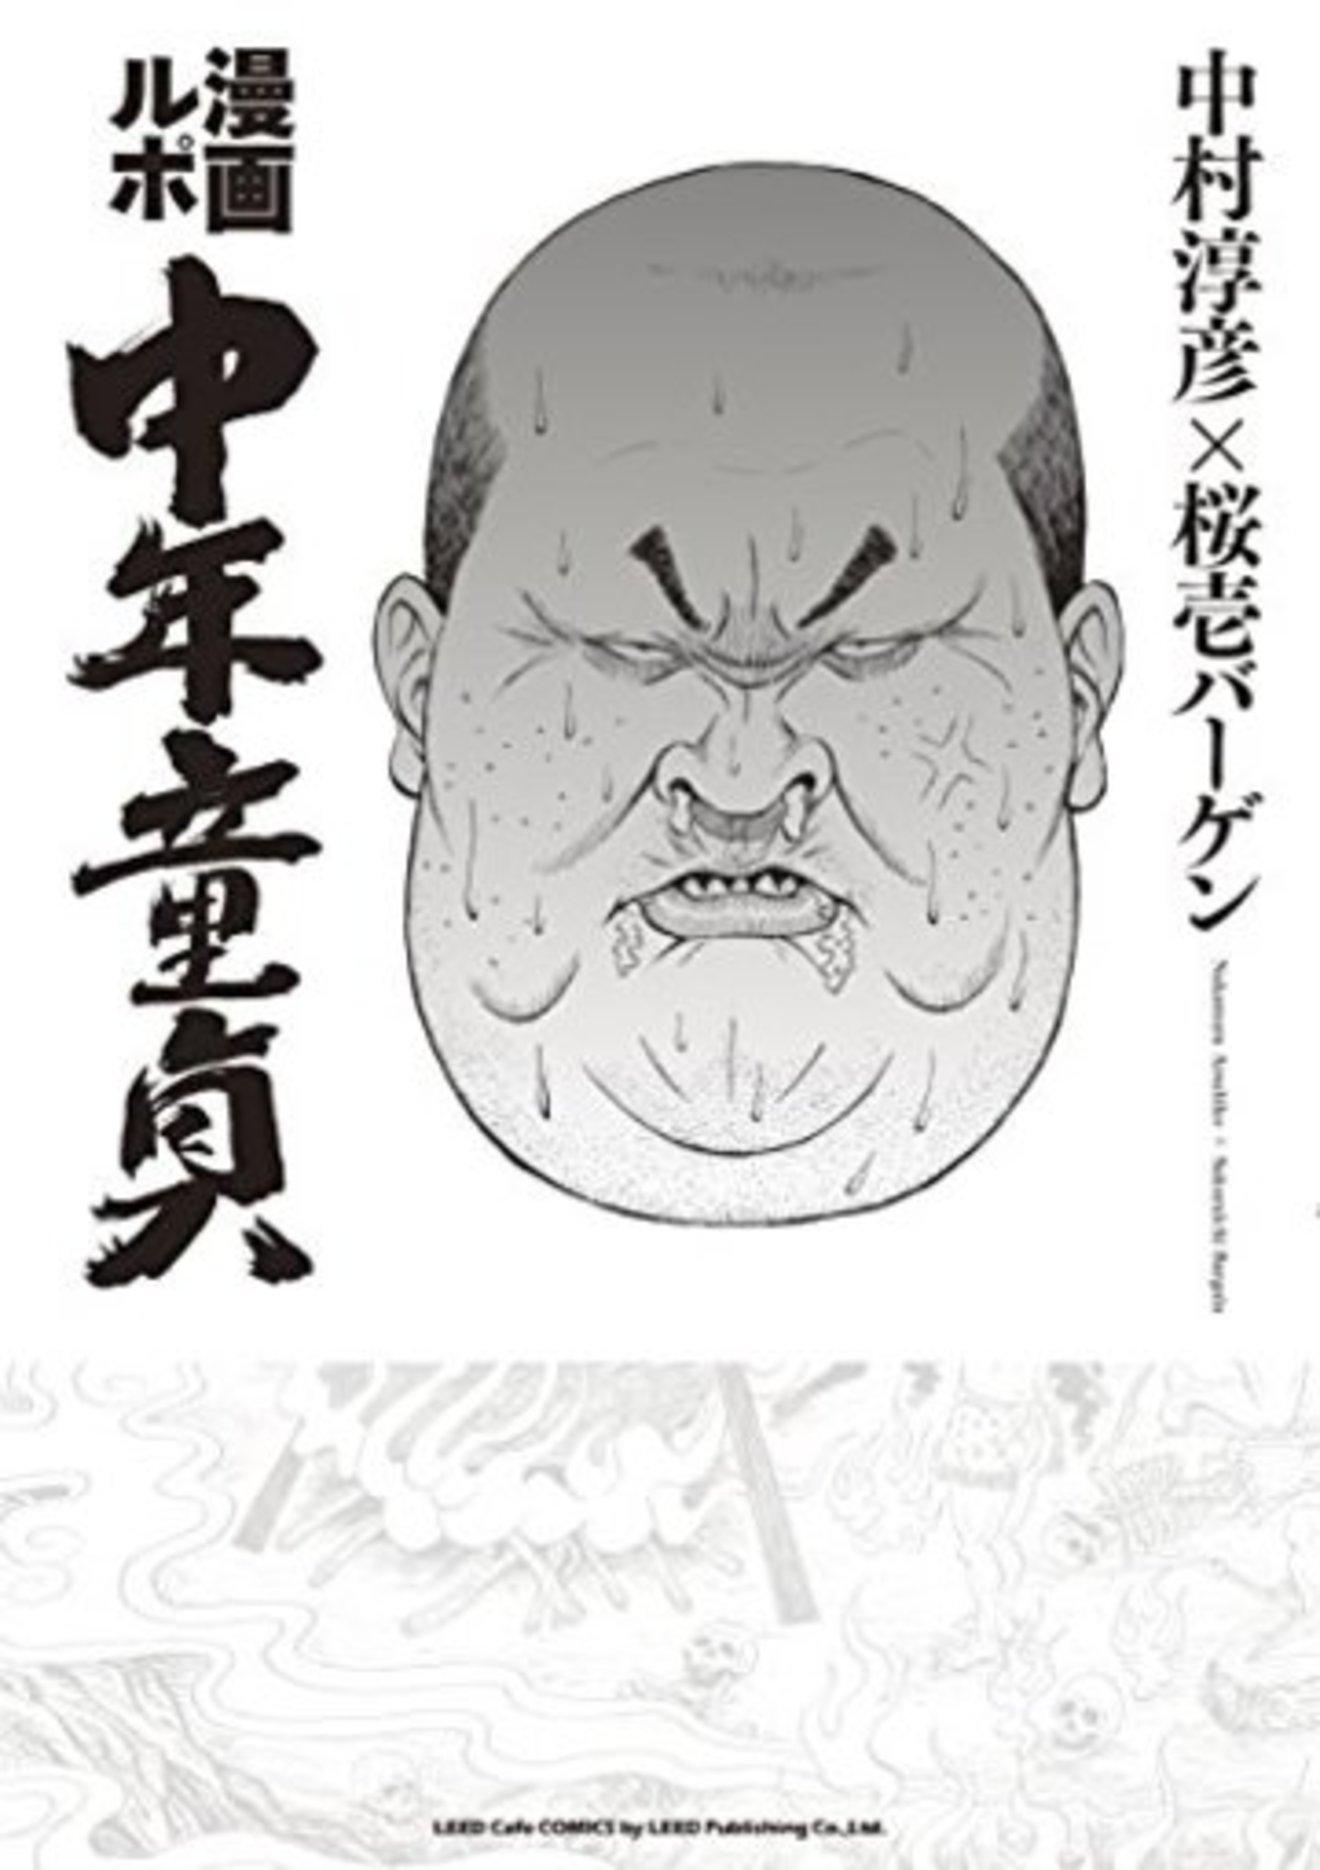 『中年童貞』のリアルが刺さる!ルポ漫画の見所をネタバレ紹介!